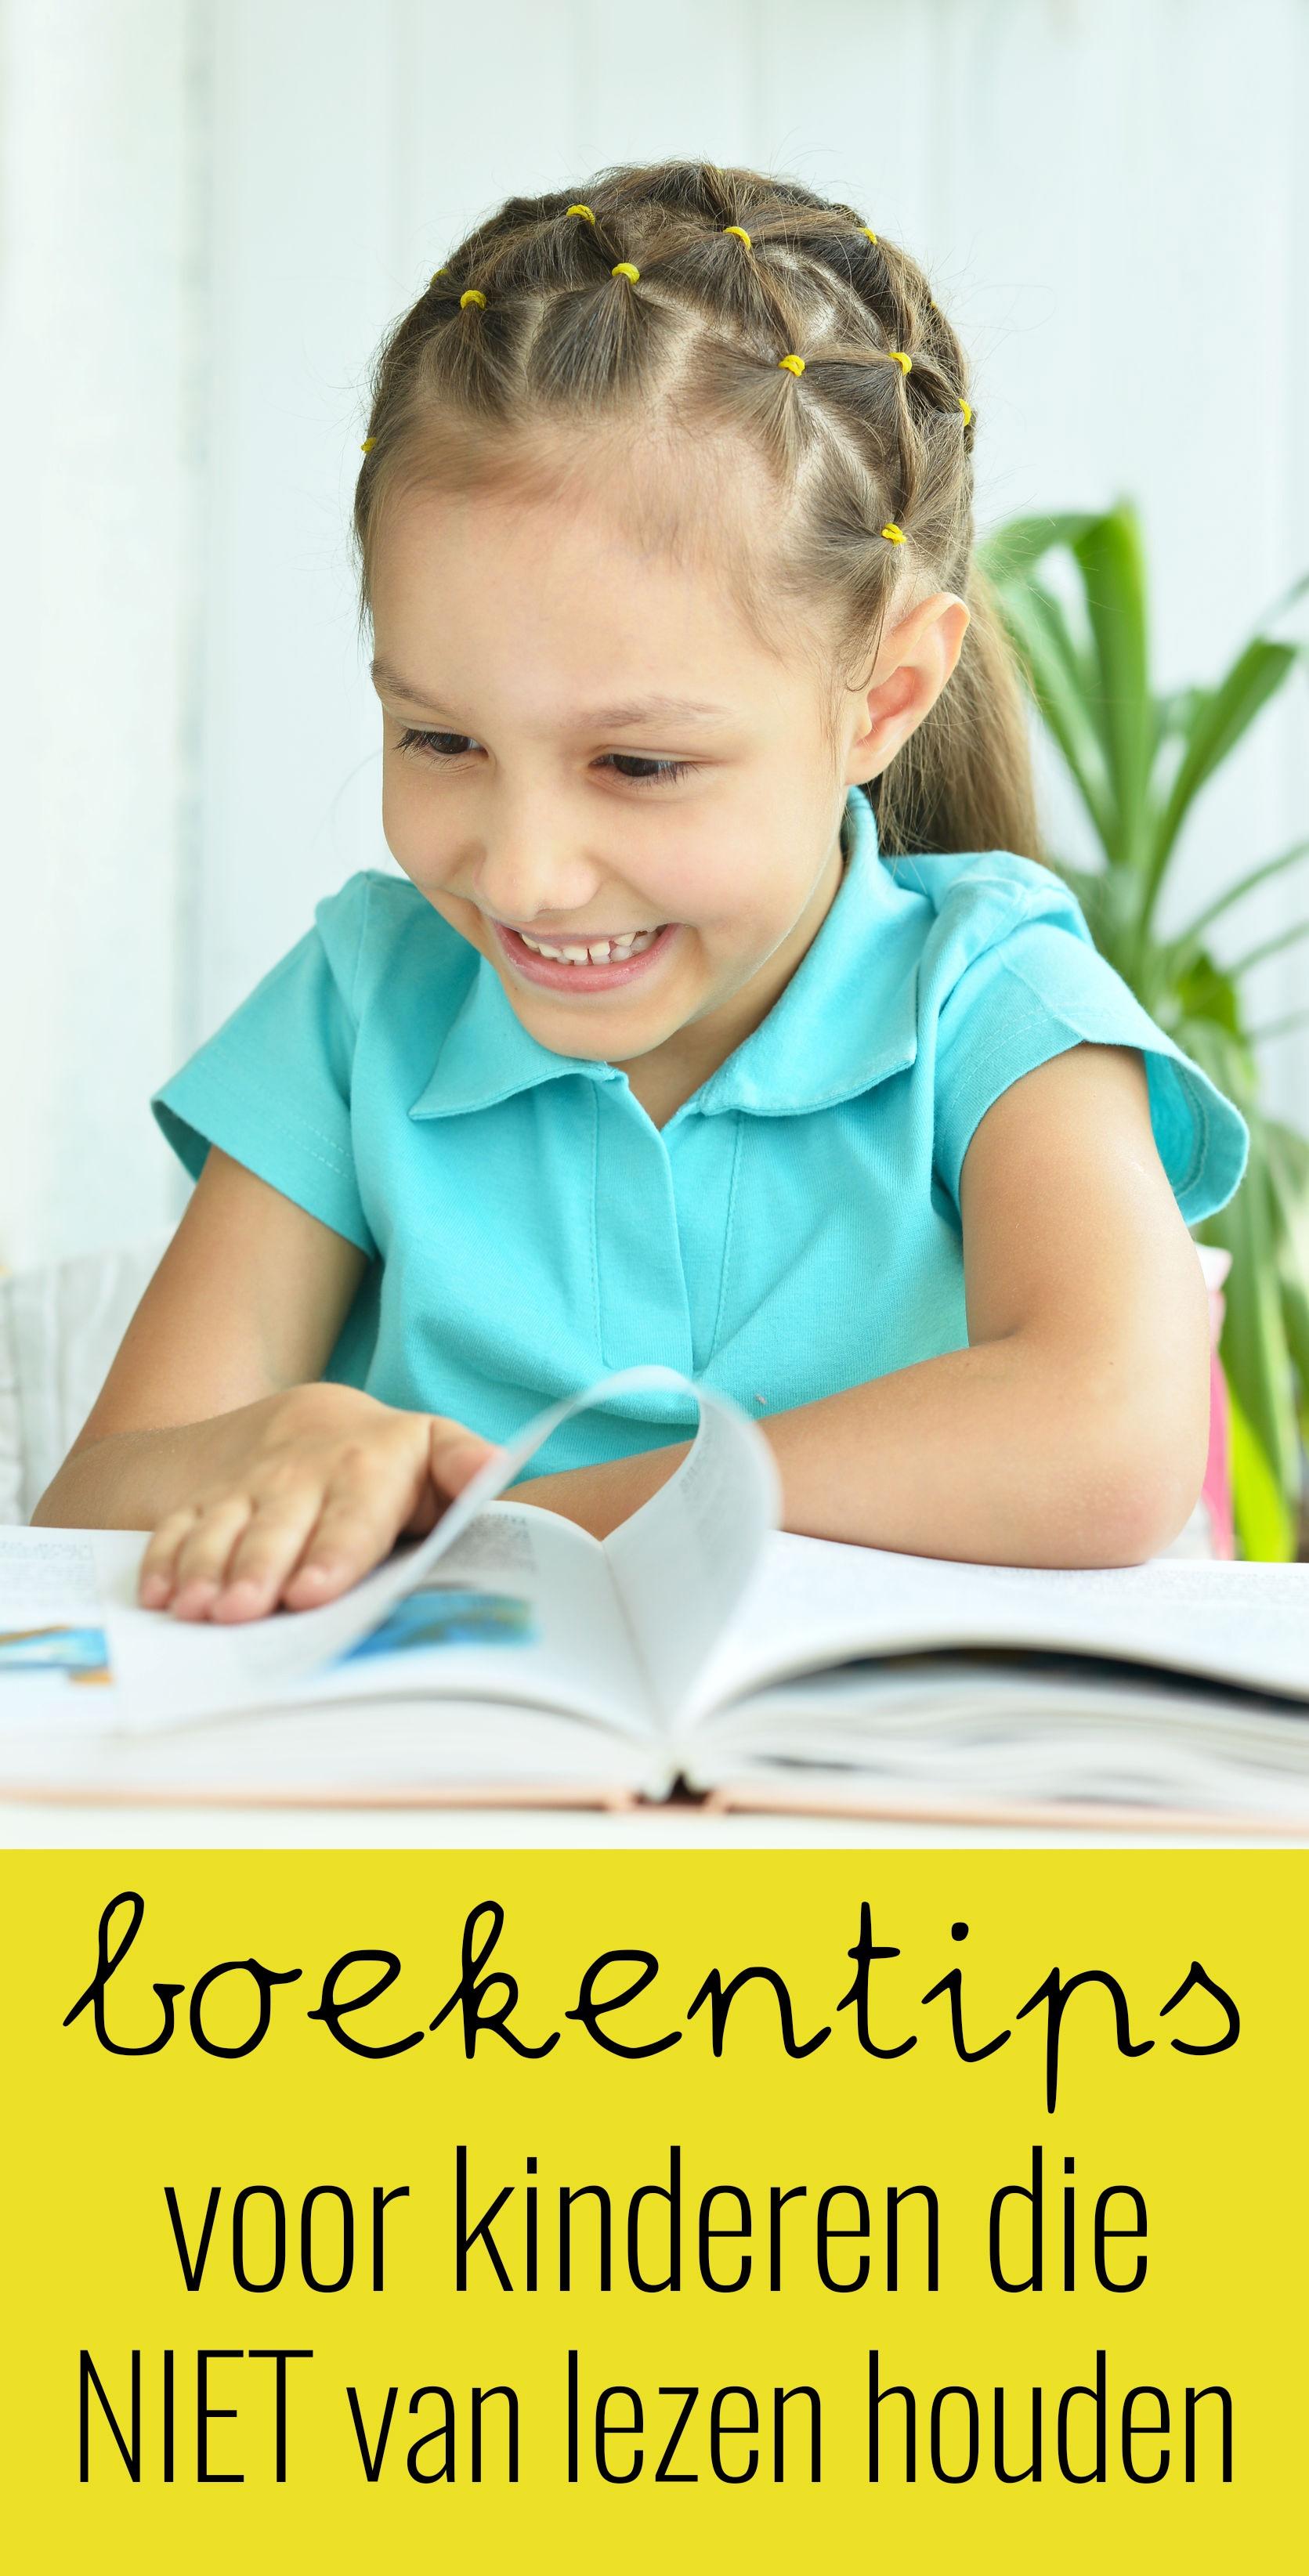 Boekentips voor kinderen die niet van lezen houden